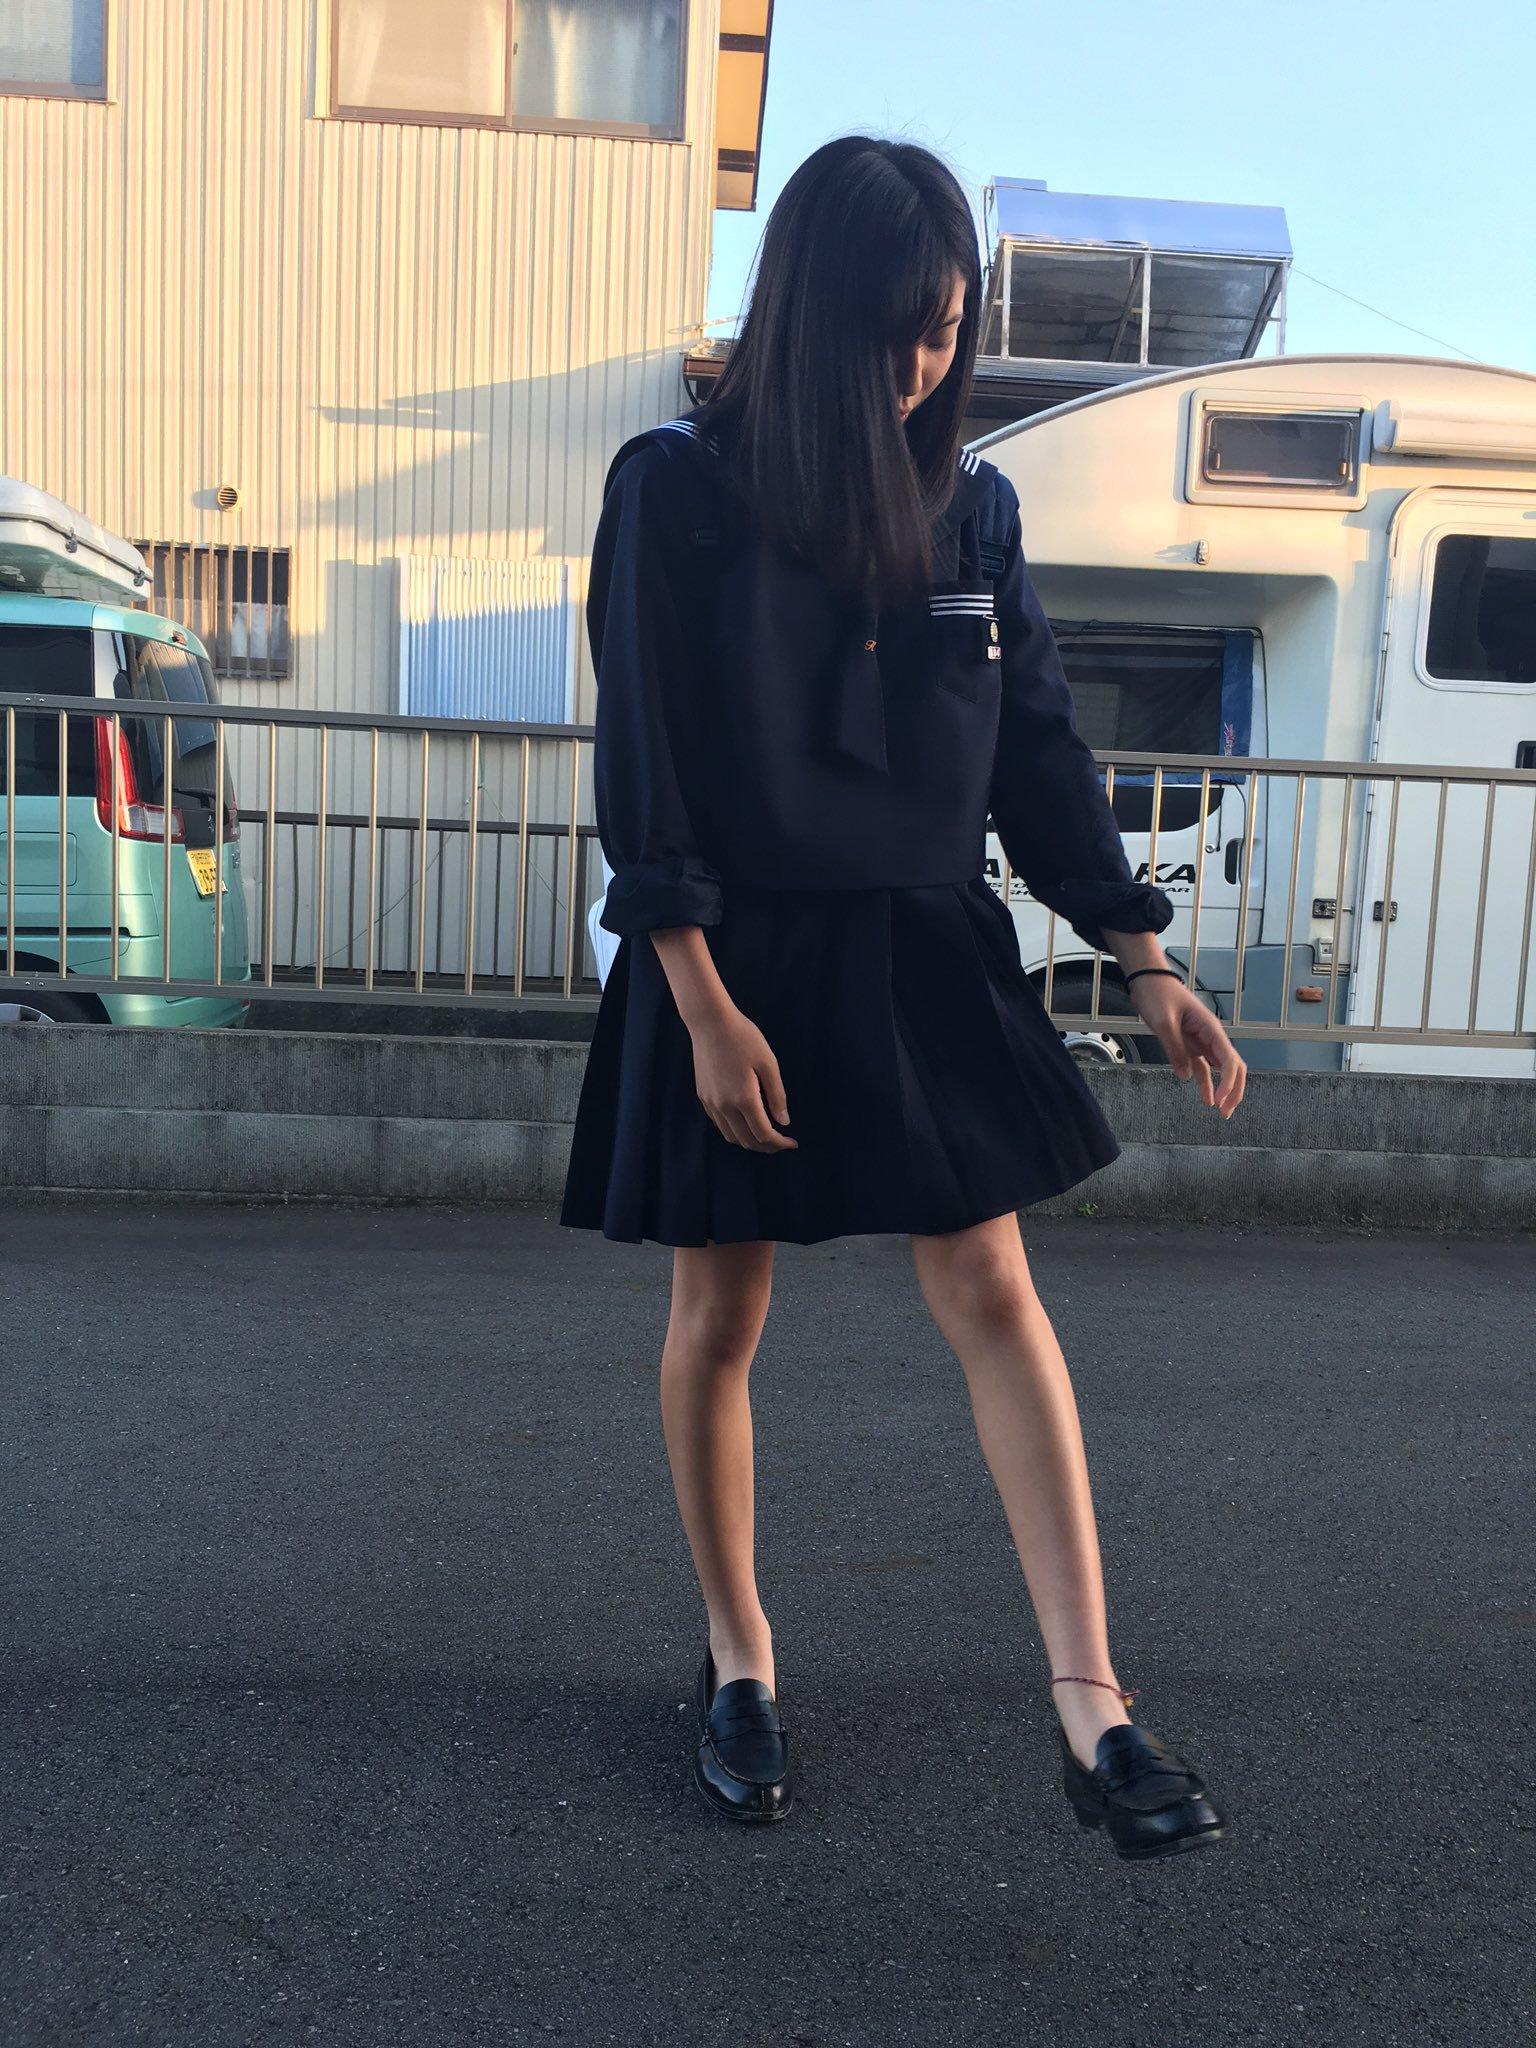 【悲報】最近の女子高生、誰もハイソックスを履いてない